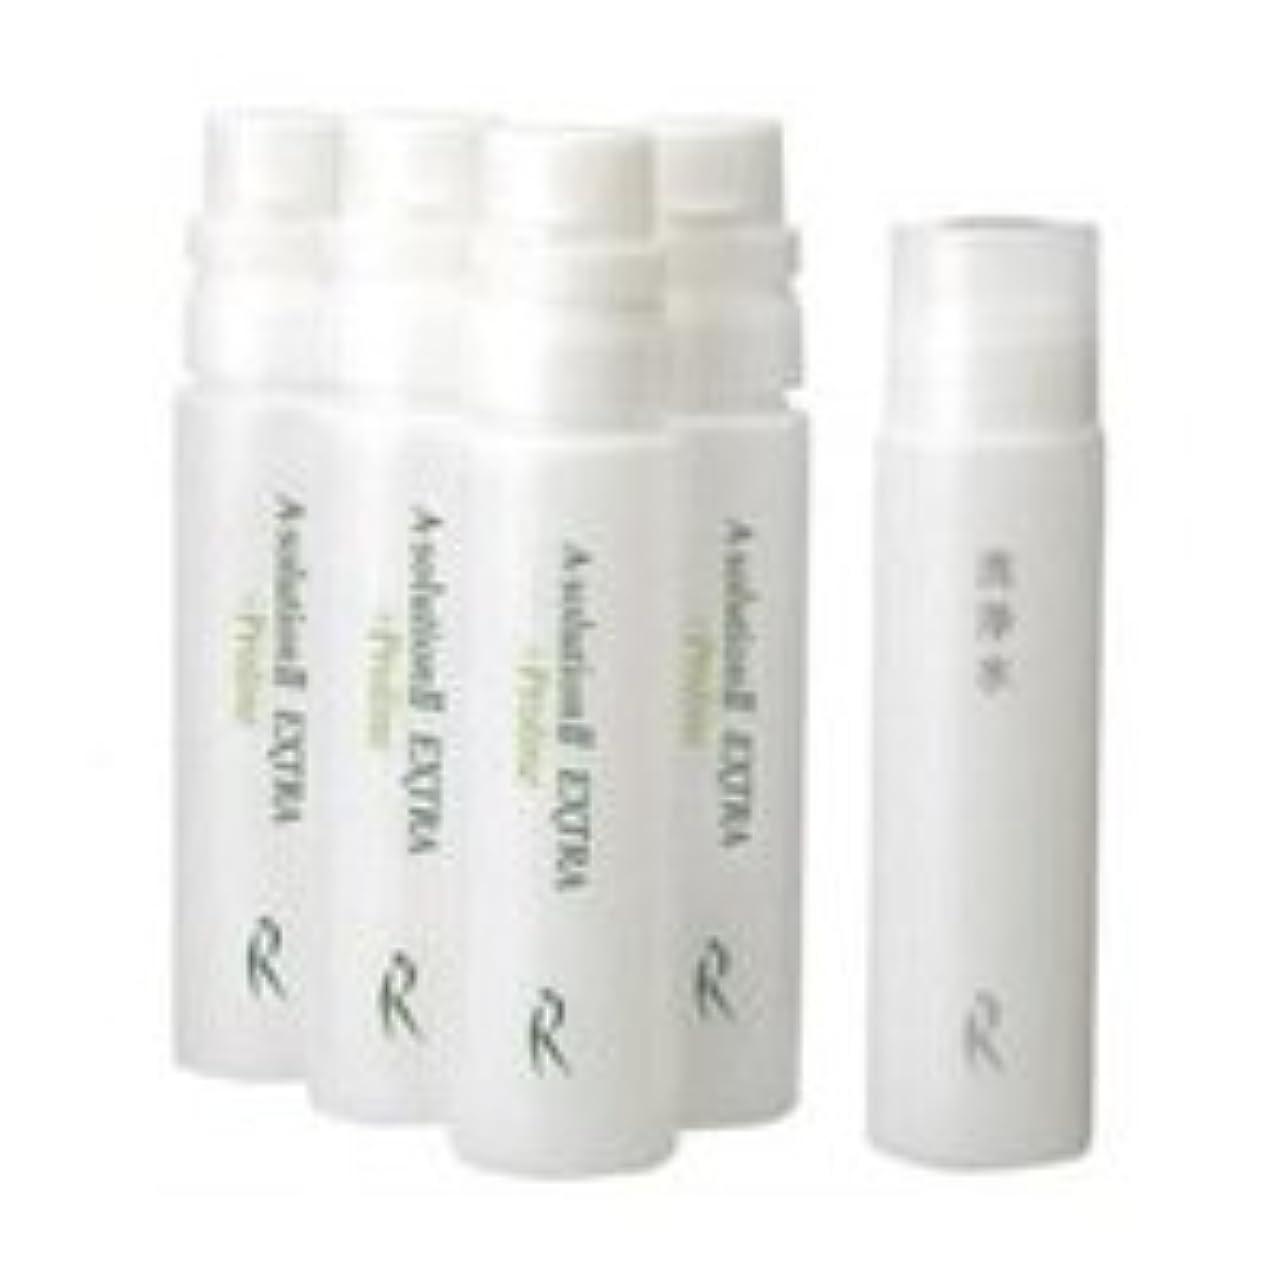 熟すおっと追加するA-ソリューション エクストラ+プロリン / REVENIR  レブニール プラチナアクイシモ専用美容液